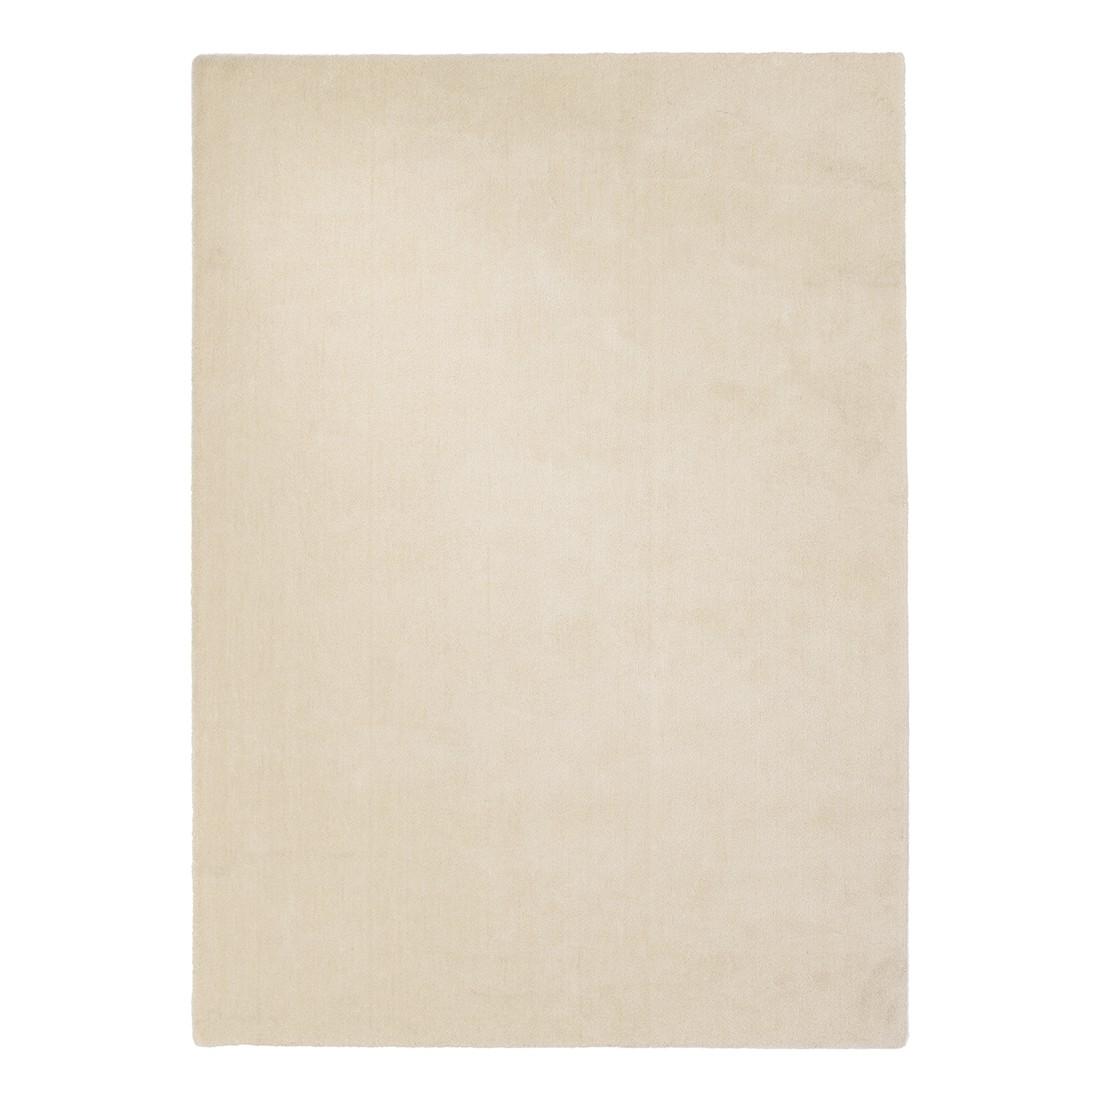 Teppich Victoria – Creme – 90 x 160 cm, Schöner Wohnen Kollektion bestellen